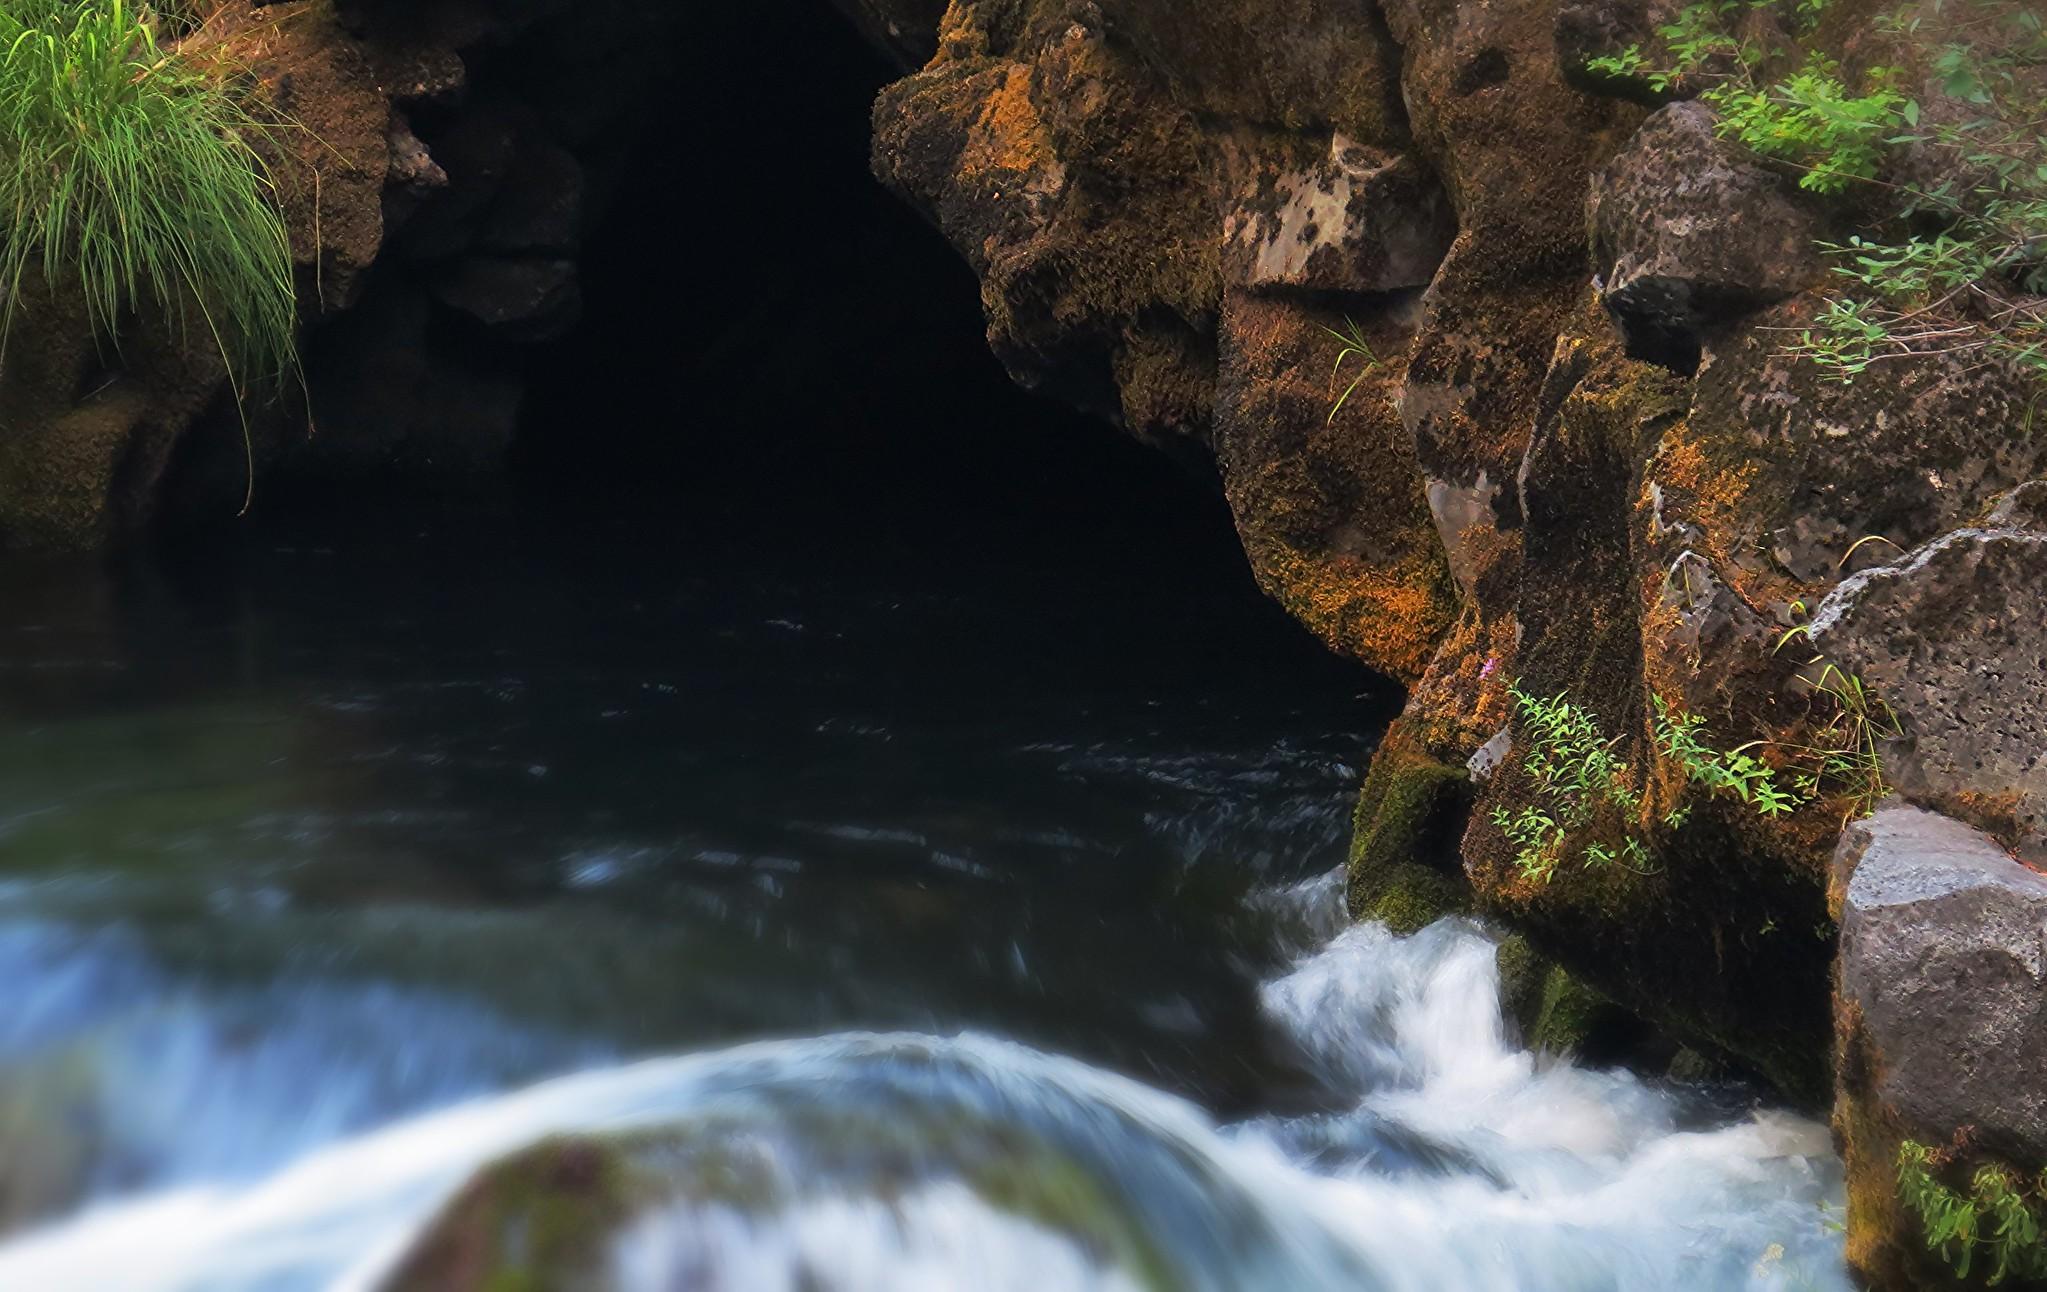 Rogue River Natural Bridge, Oregon